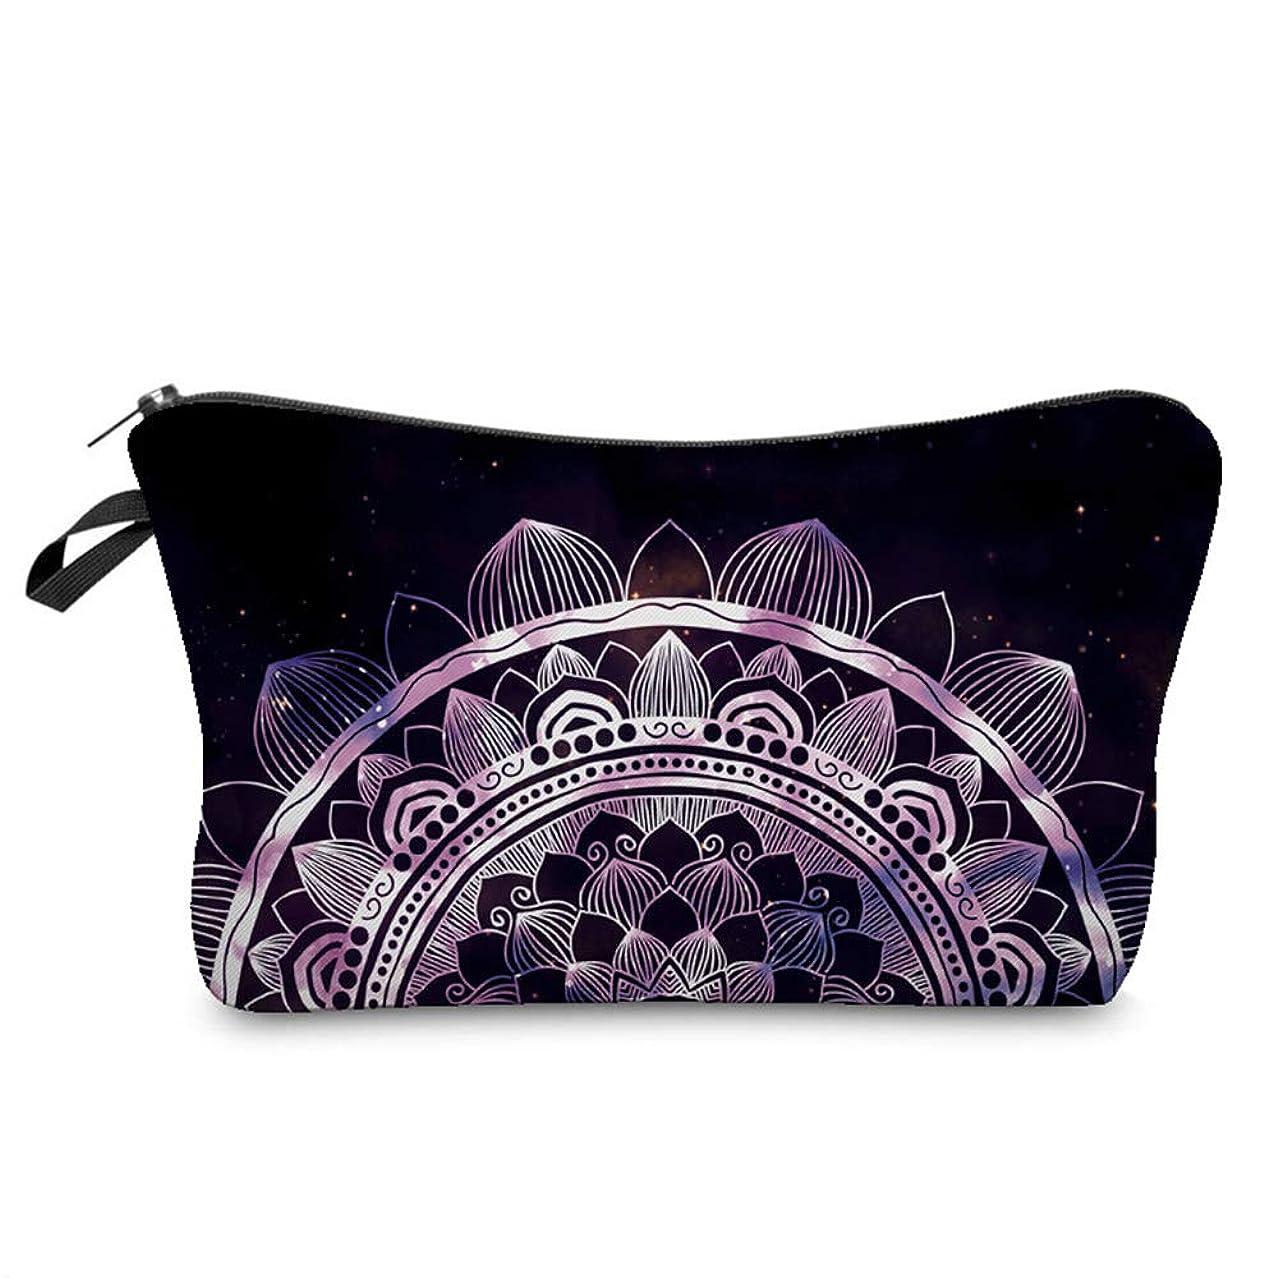 寛容中世の護衛1st market 優れた3D曼荼羅印刷化粧品オーガナイザーバッグ女性旅行化粧ポーチ